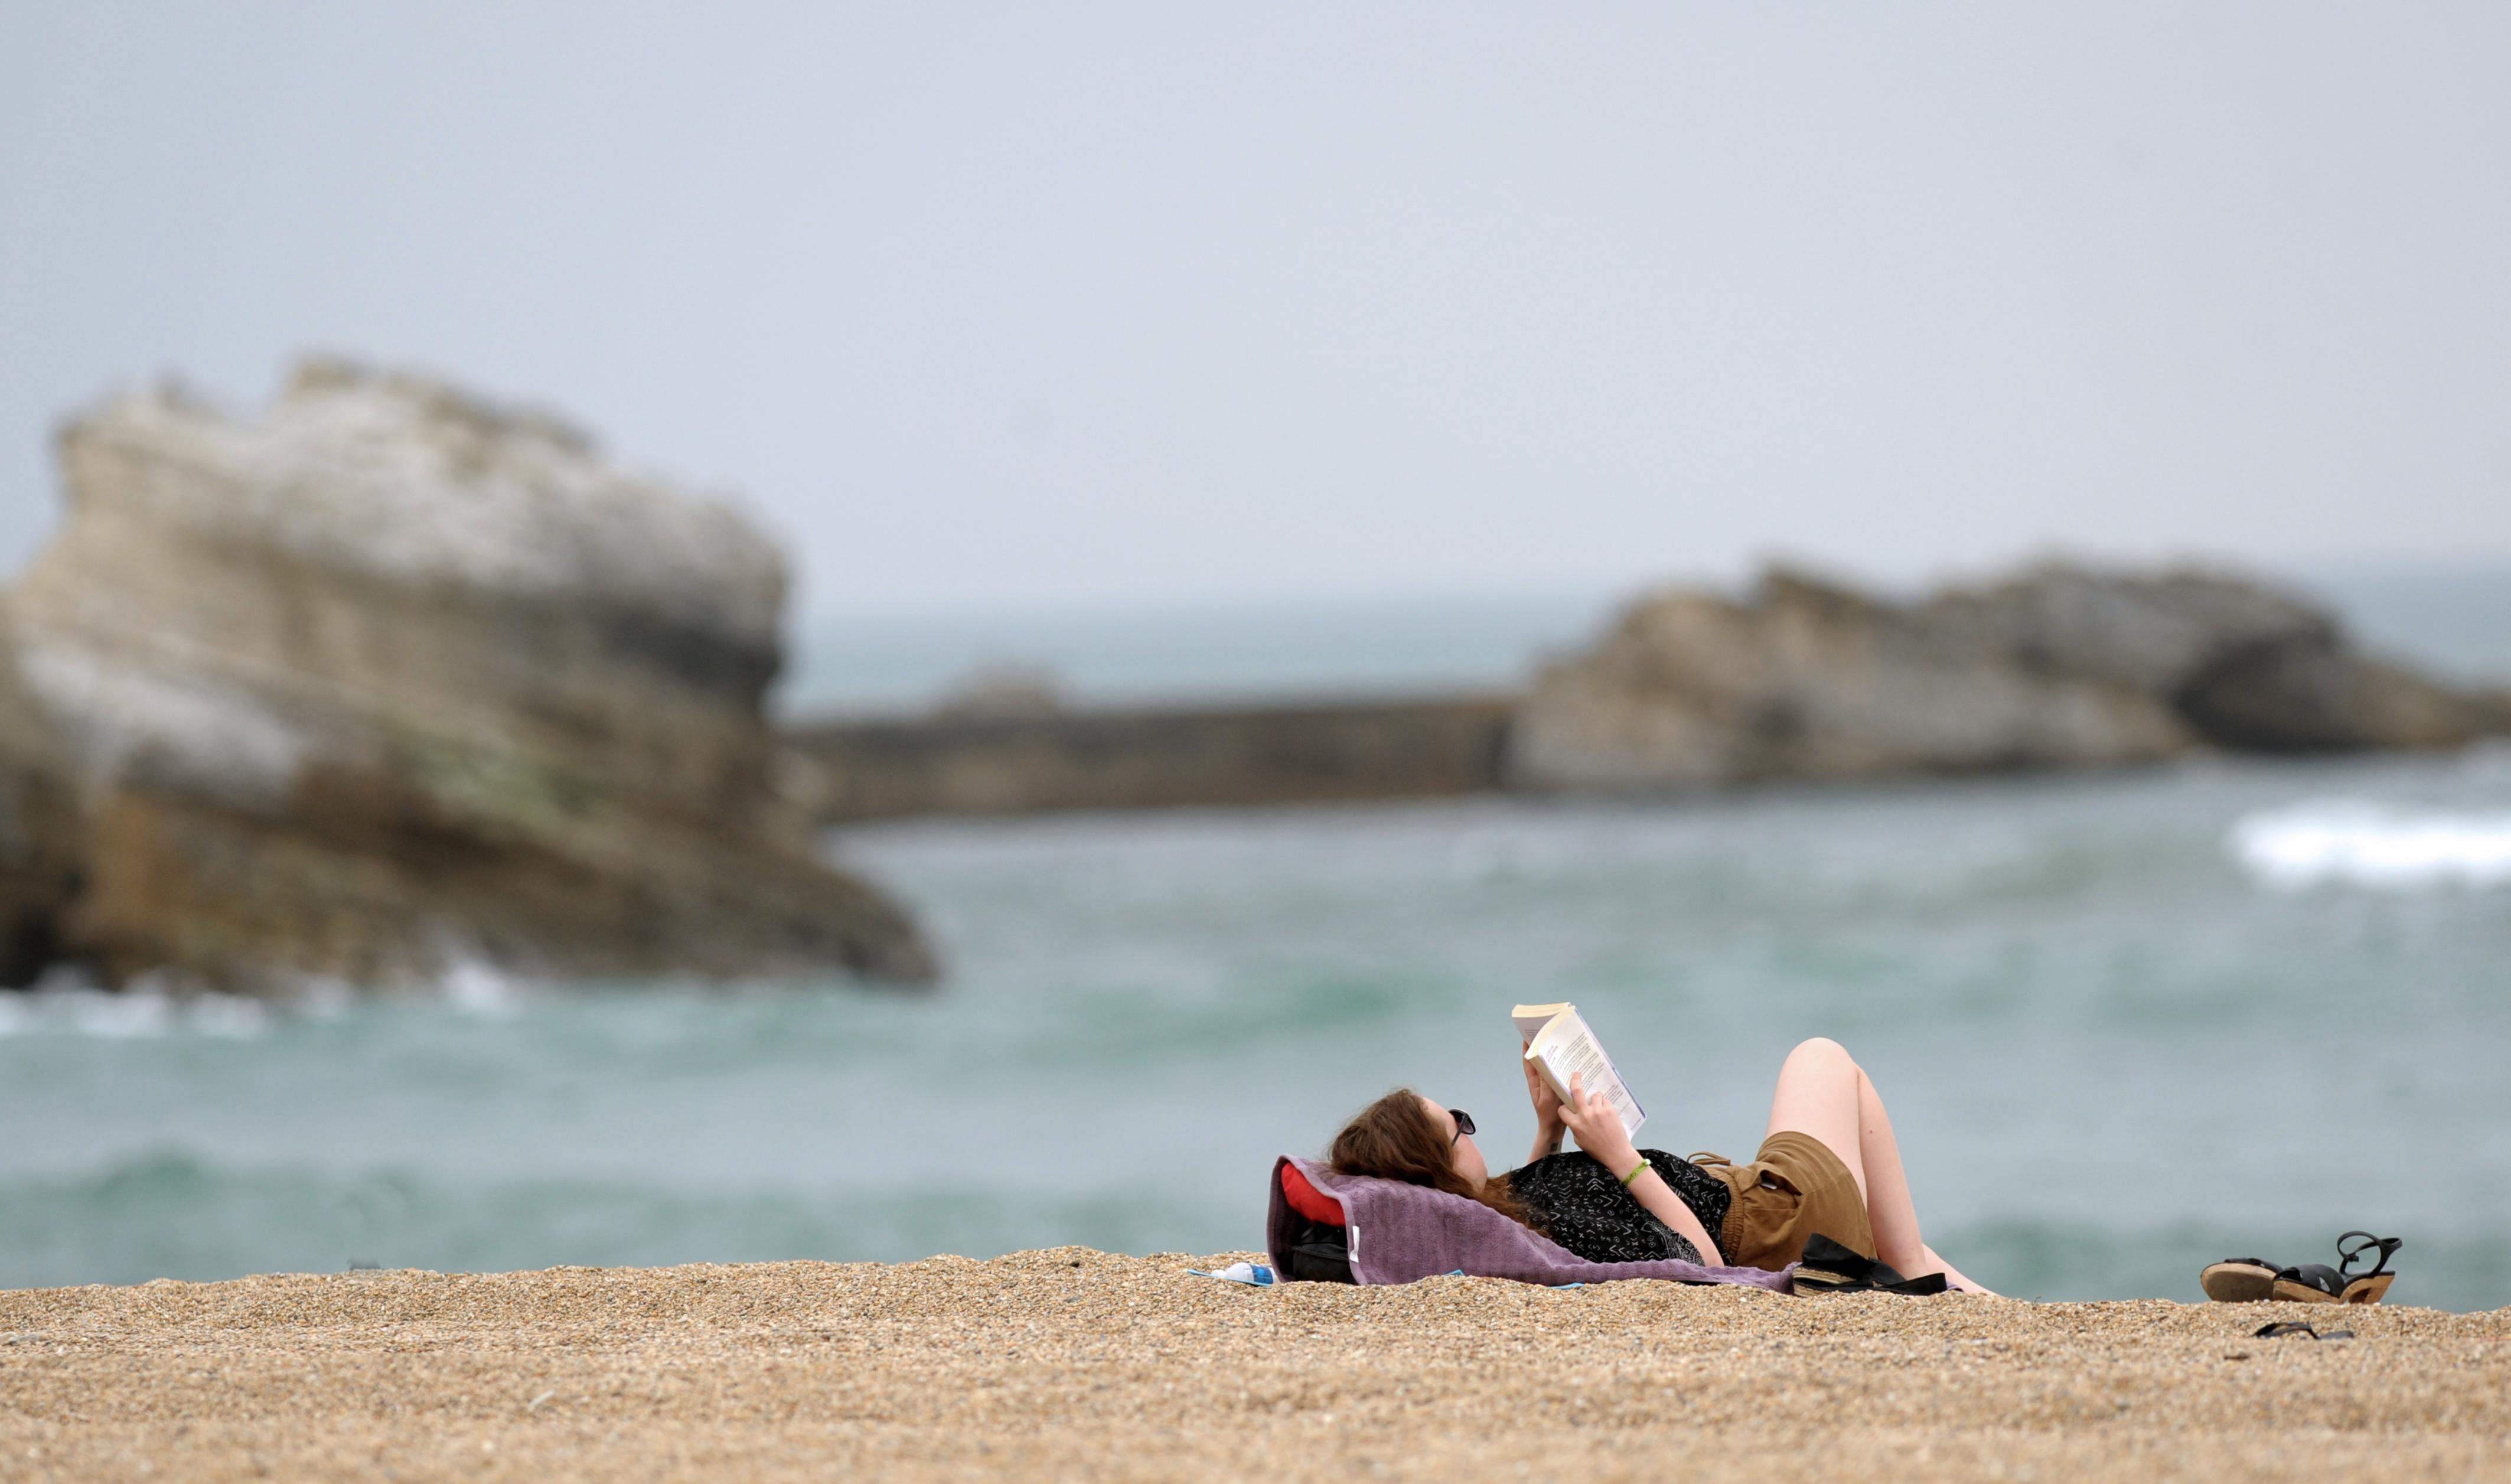 Vacances d'été : 69 % des Français comptent lire plus de livres pendant la saison estivale